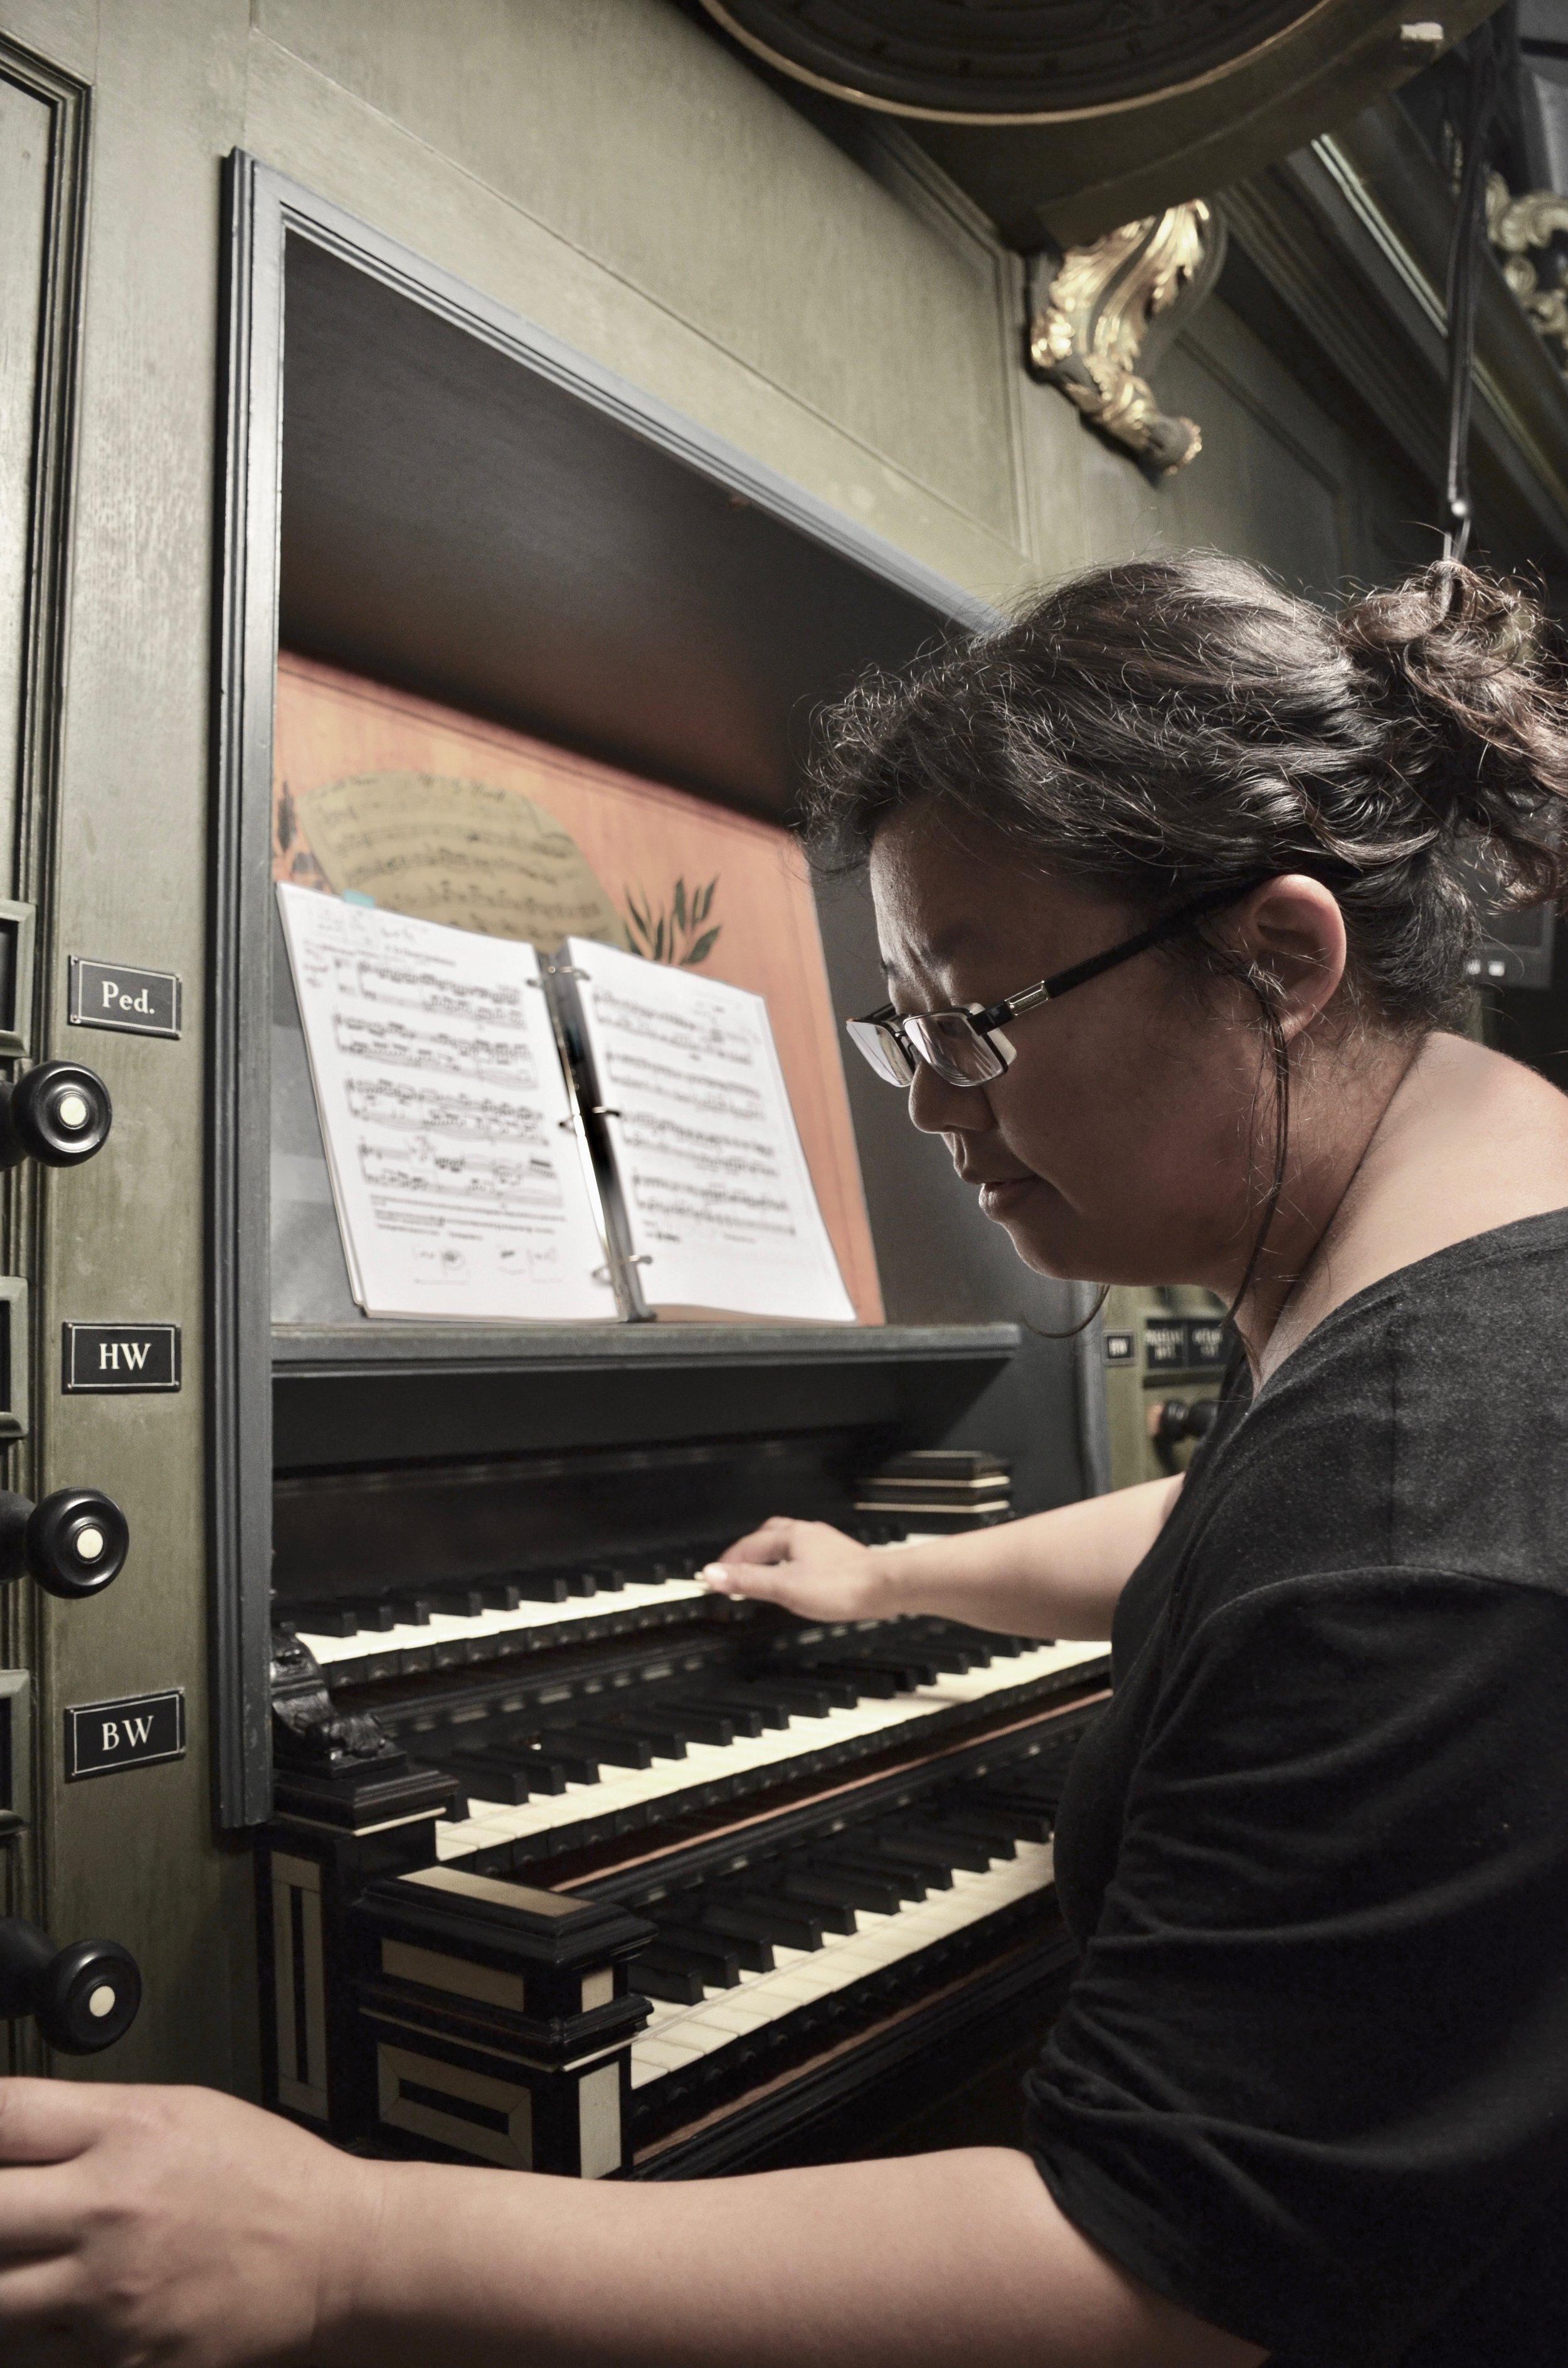 Jennifer Hsiao at the 1692 Arp Schnitger pipe organ, Martinikerk, Groningen.